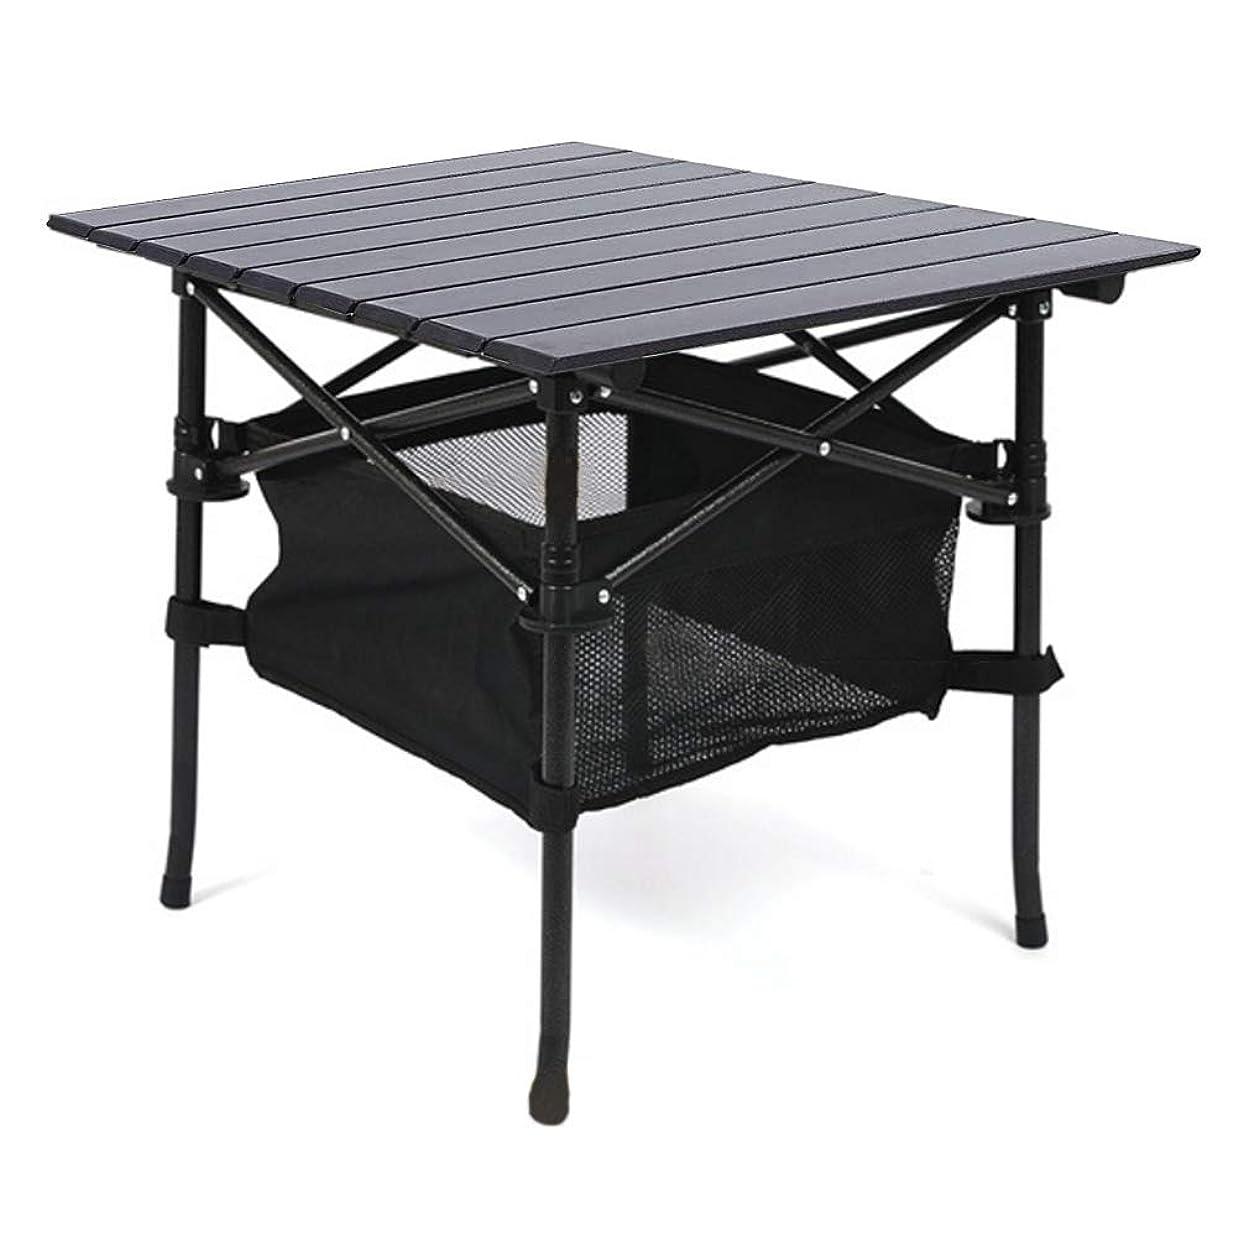 影響する走るアナロジーTaimonik アウトドア アルミ製 折りたたみ テーブル 軽量 吊りメッシュラック付き 収納バッグ付き 携帯便利 ピクニック レジャー キャンプ 用